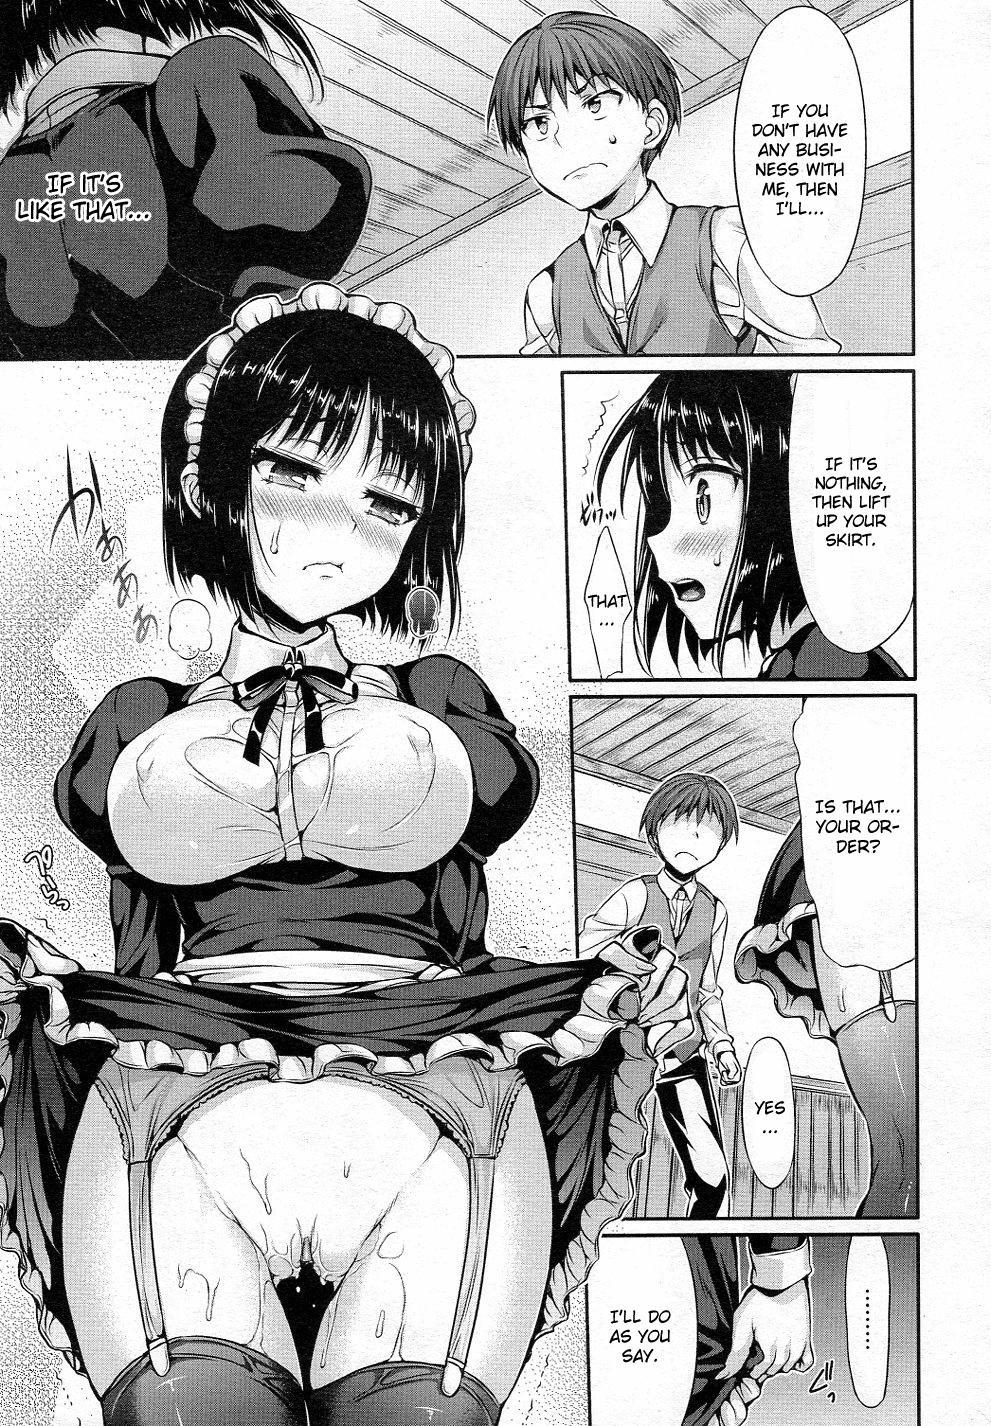 Maid in Secret 6